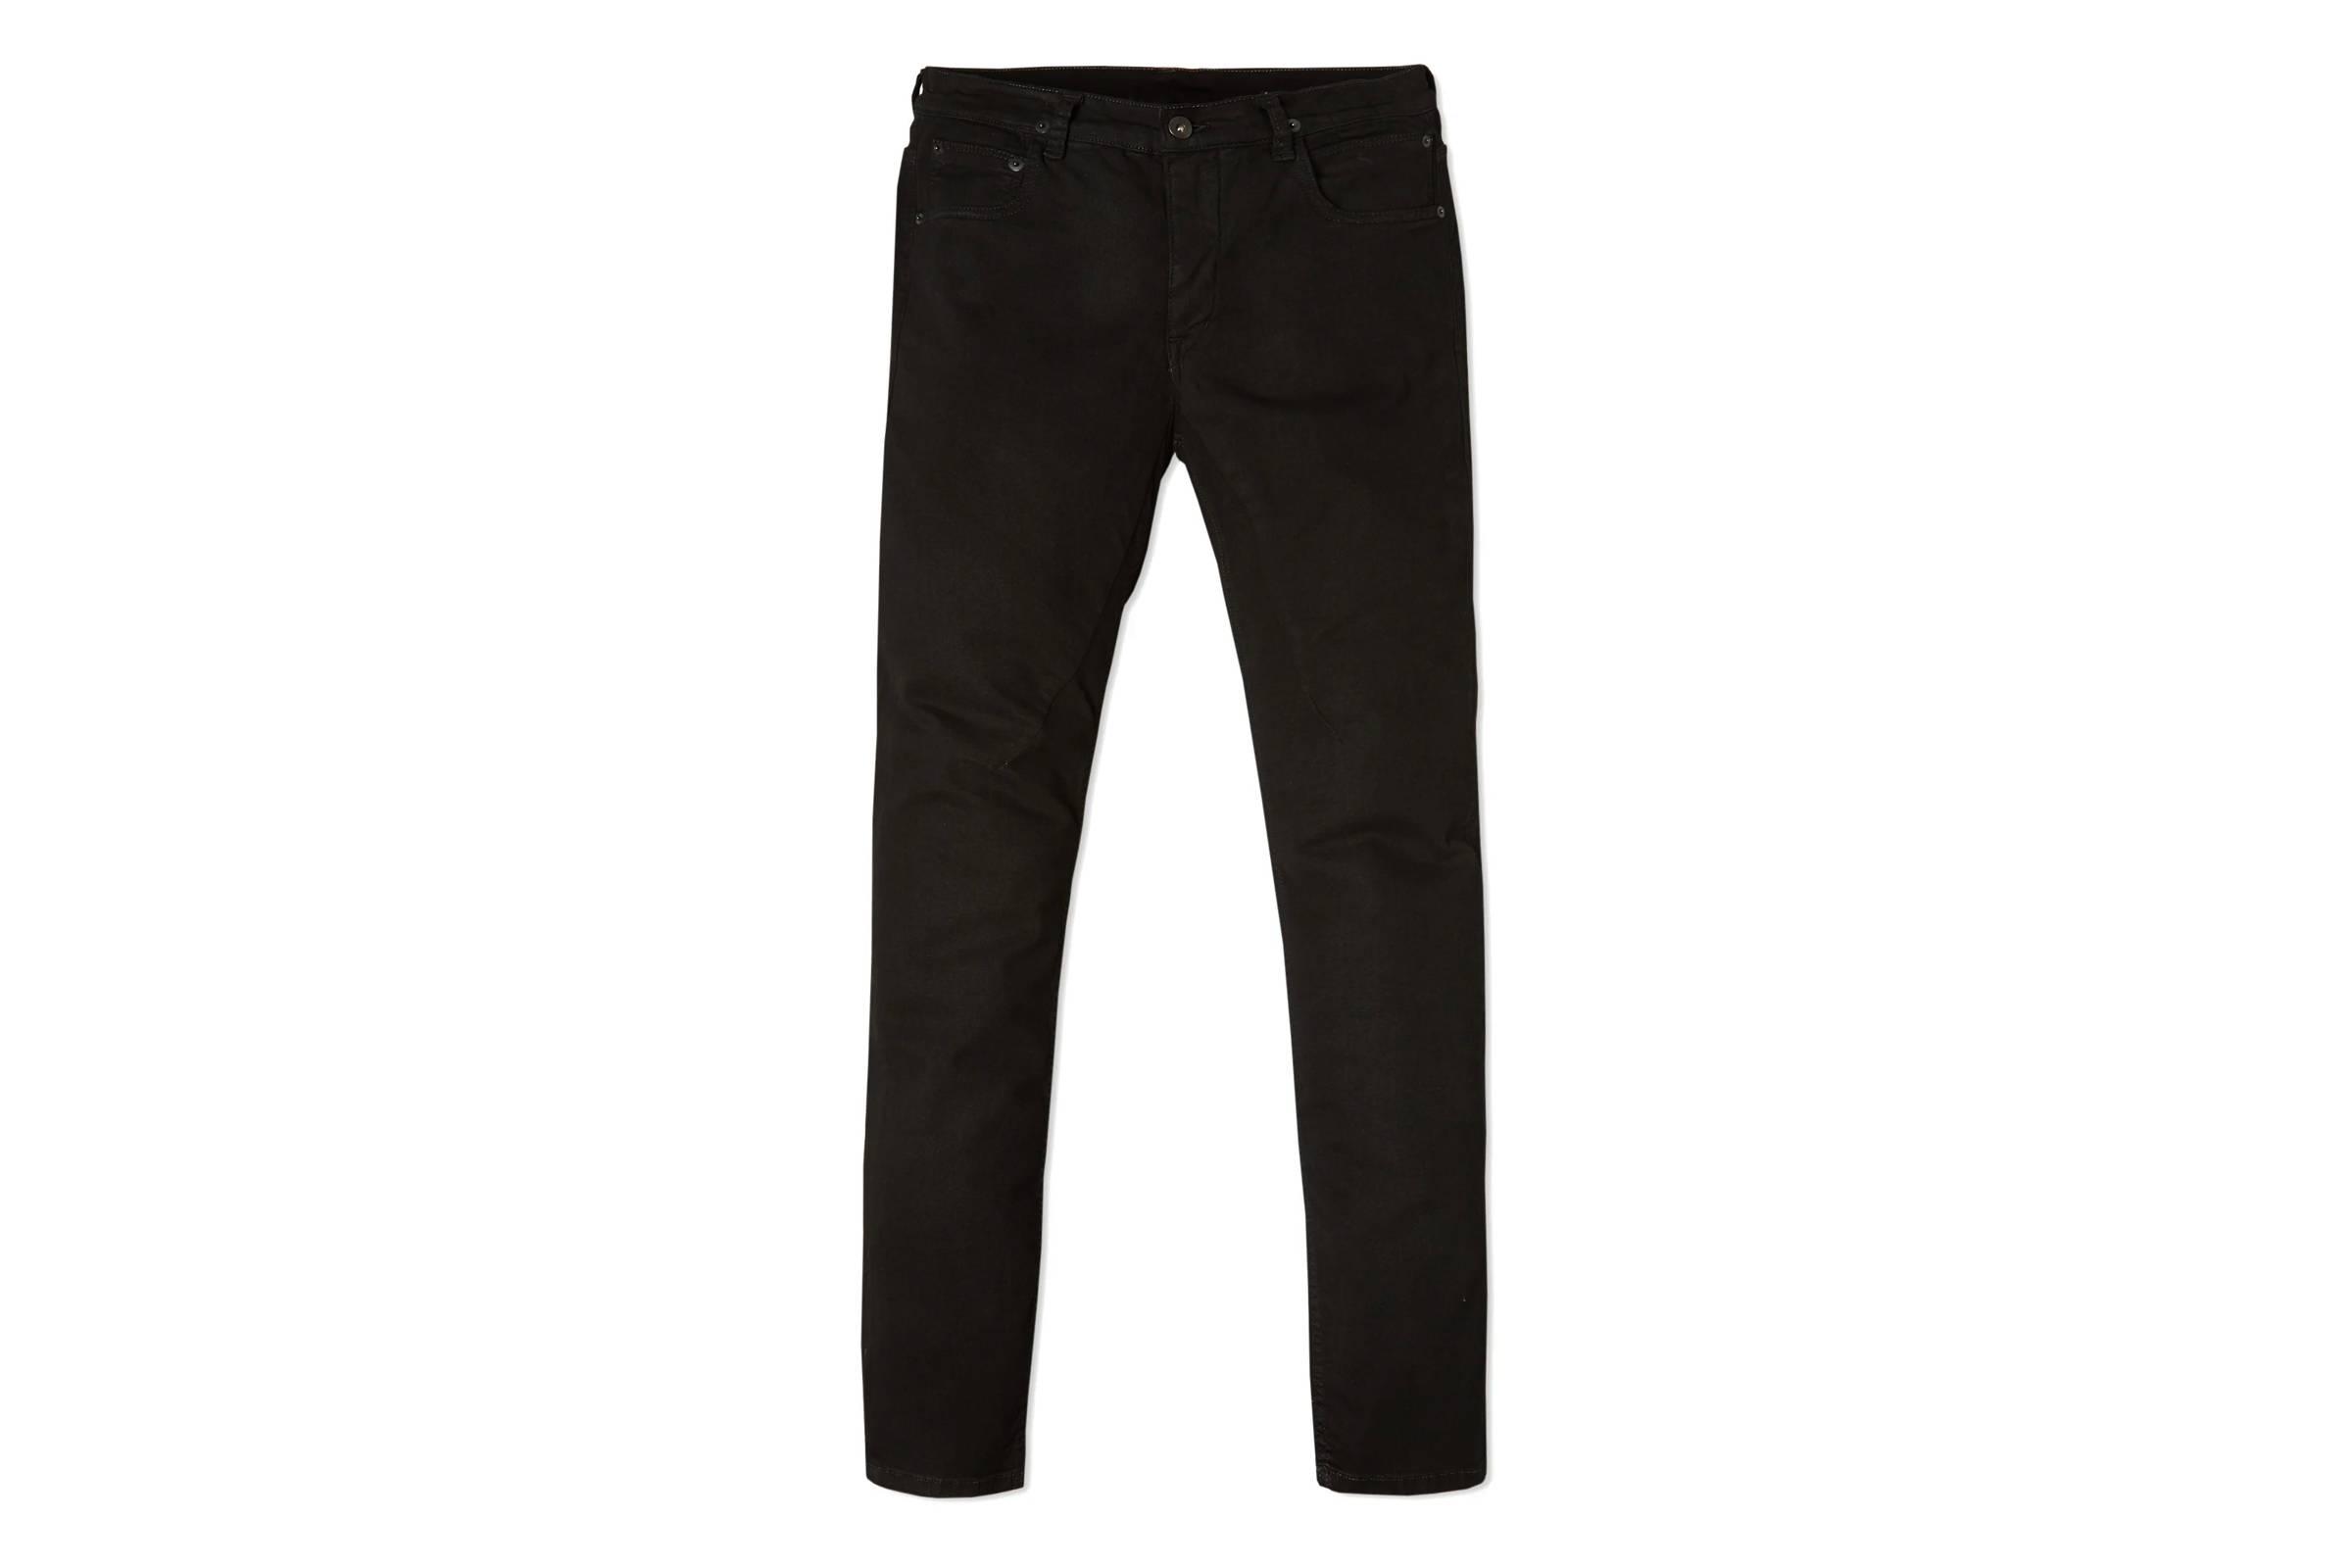 Rick Owens DRKSHDW Detroit Jeans